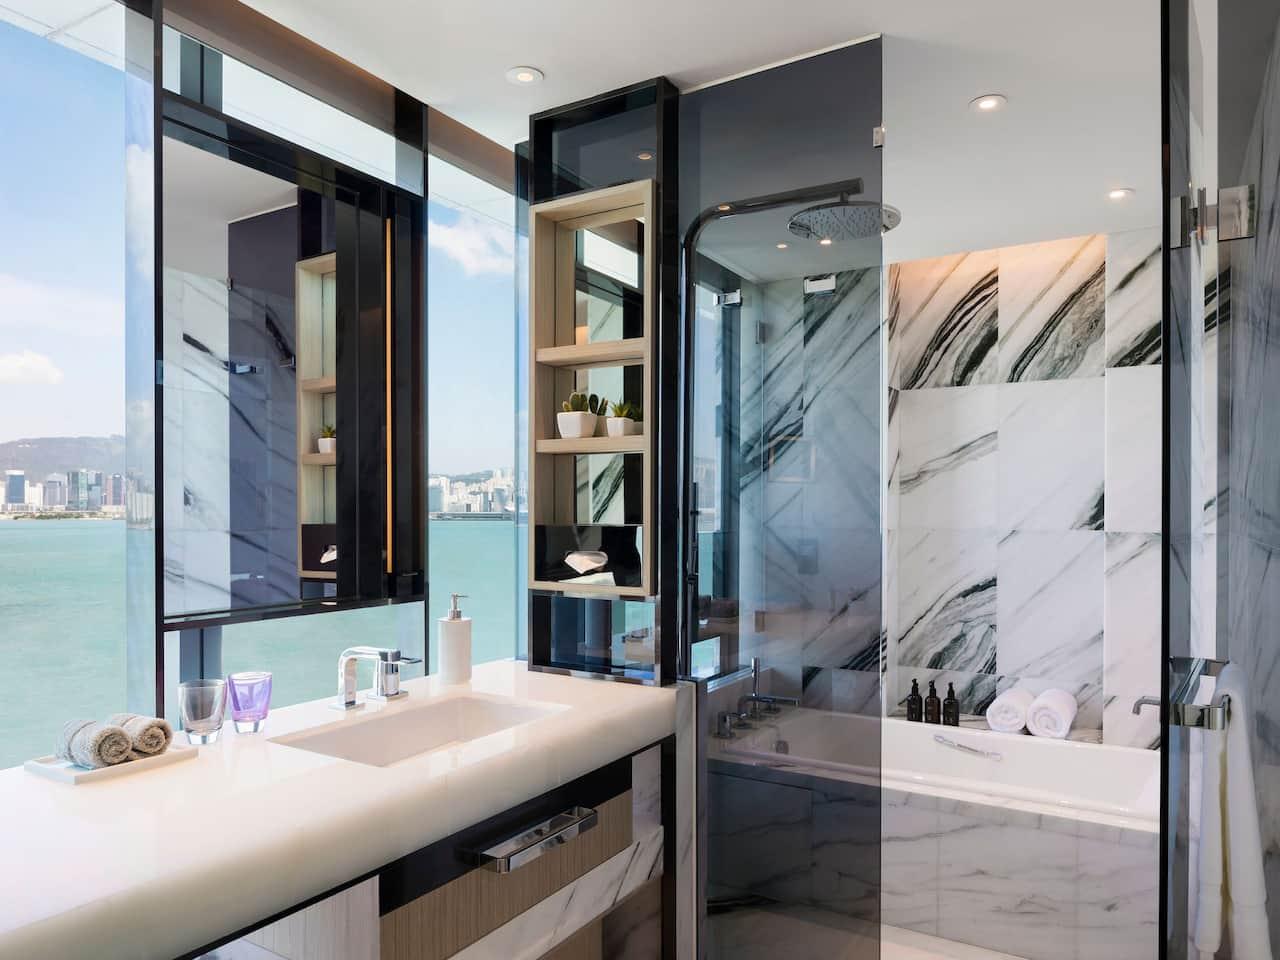 Hyatt Centric Victoria Harbour Deluxe Harbourfront Bathroom